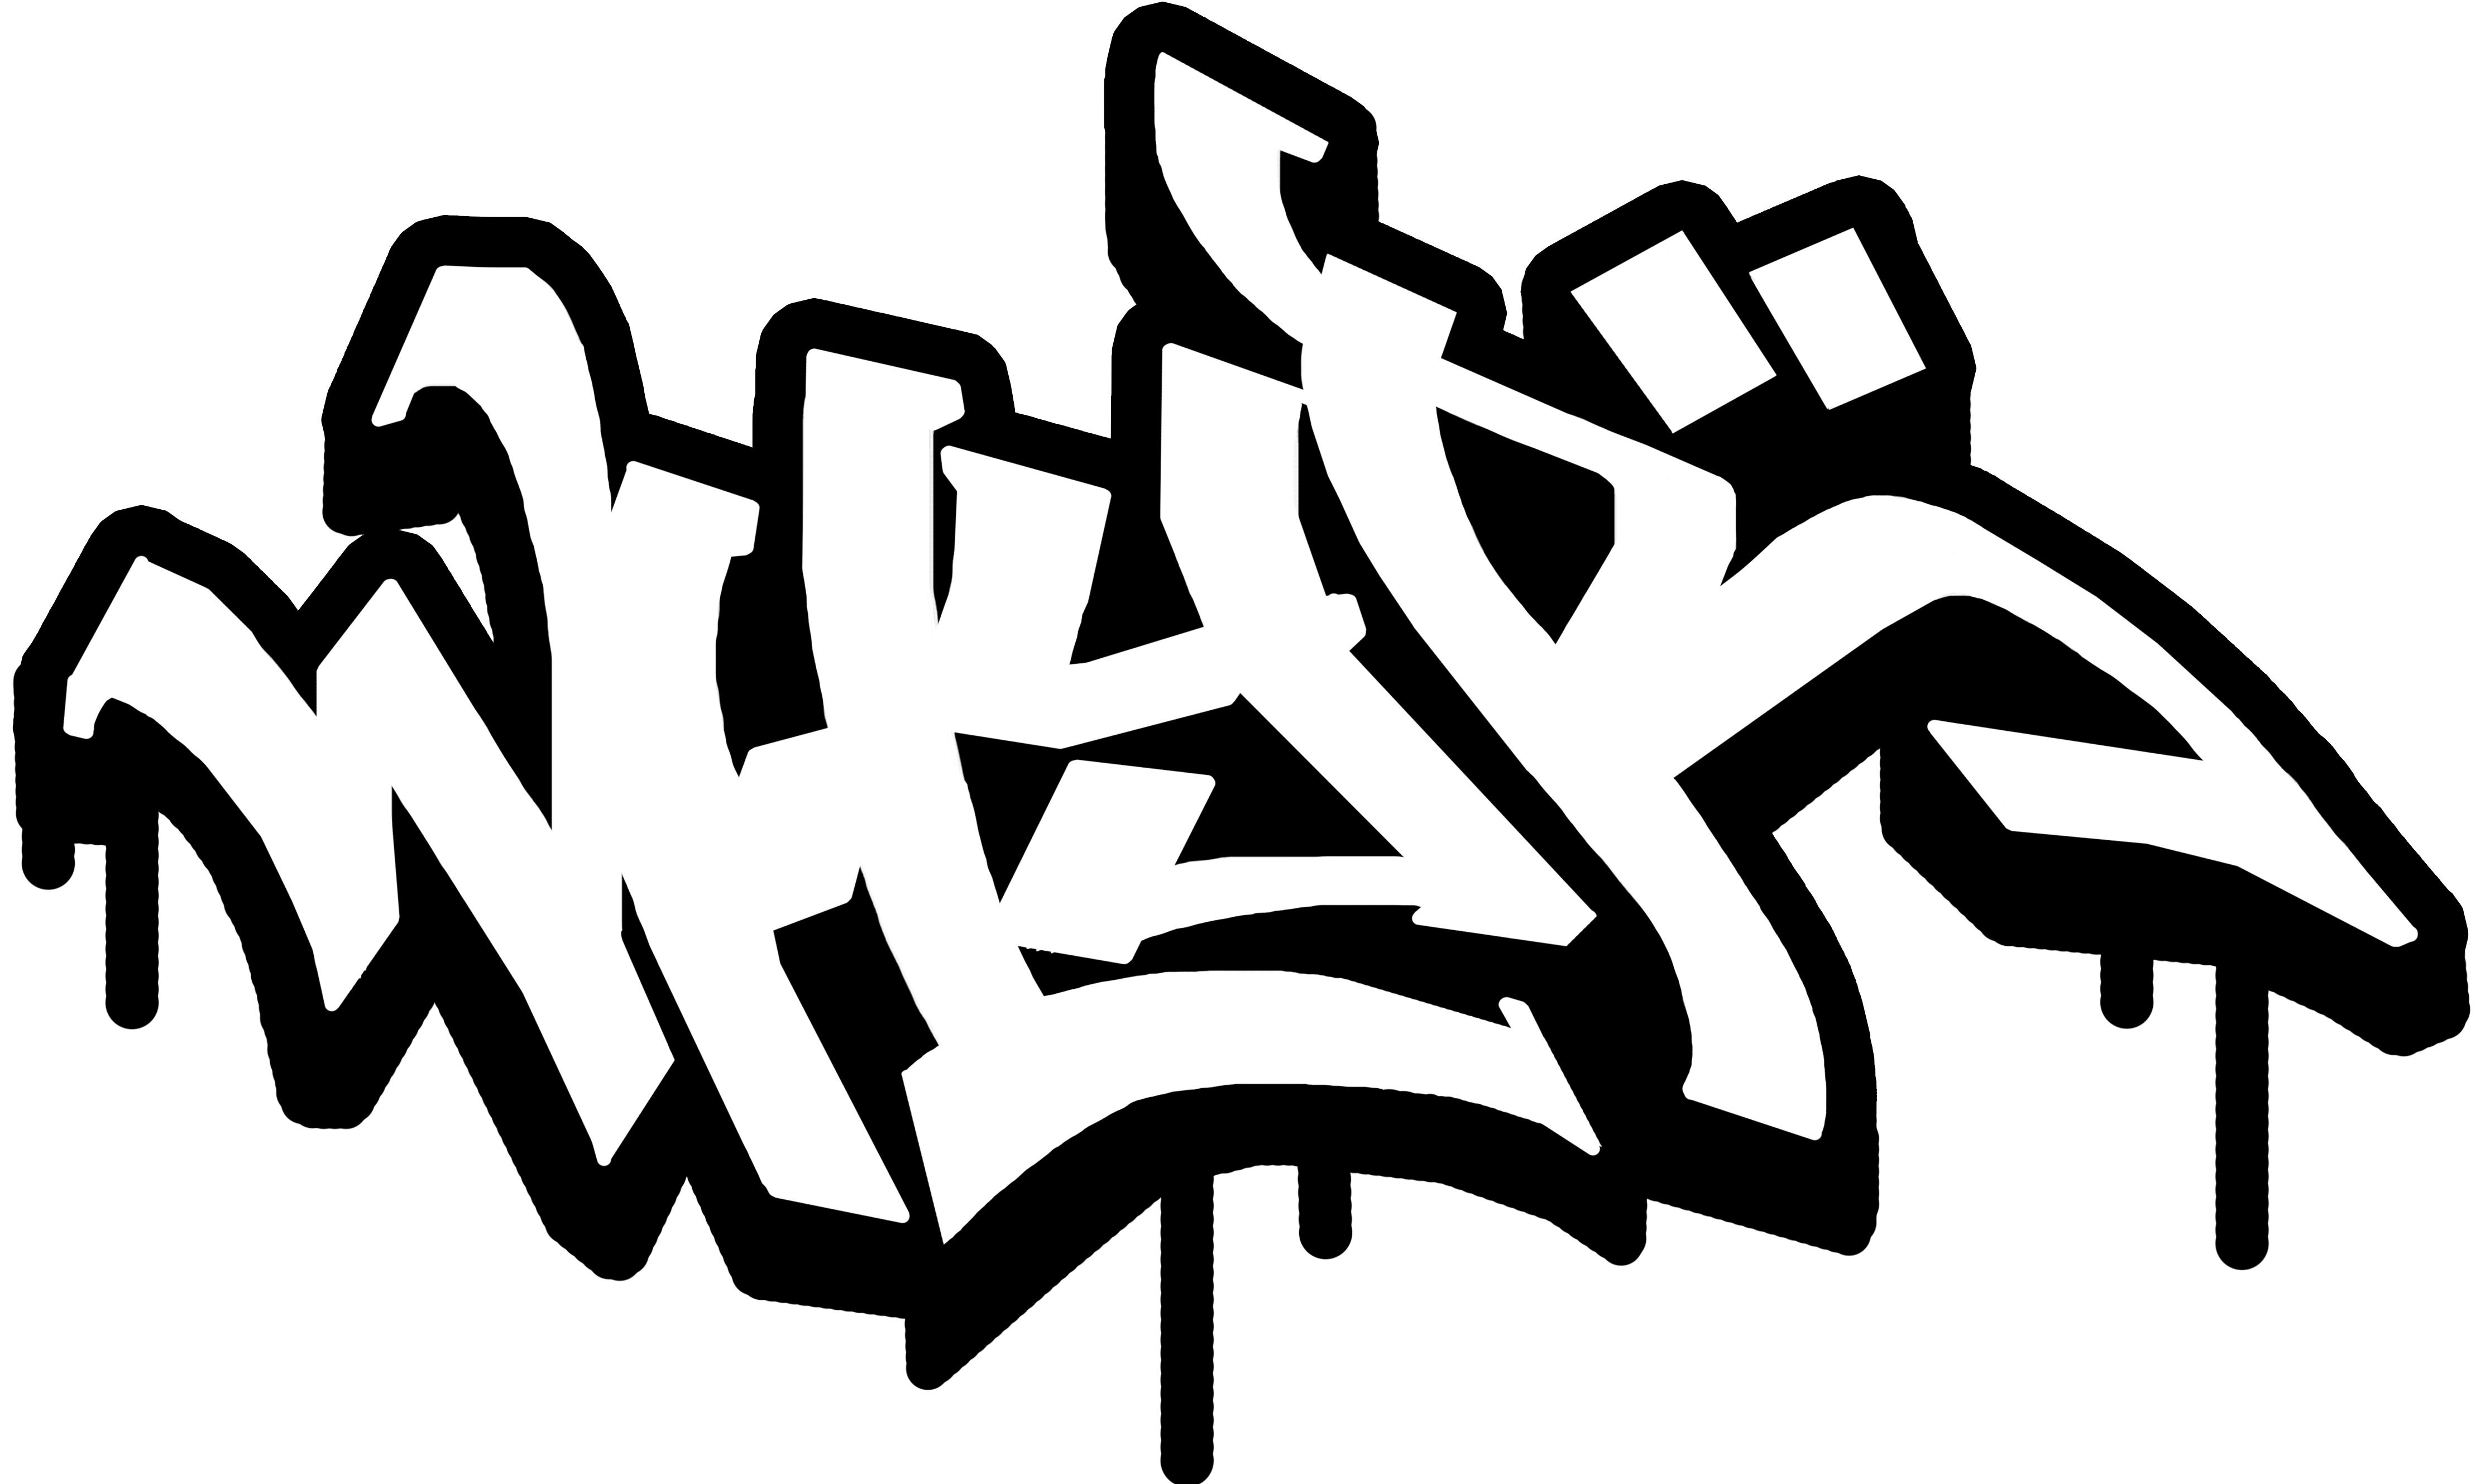 WHYRE